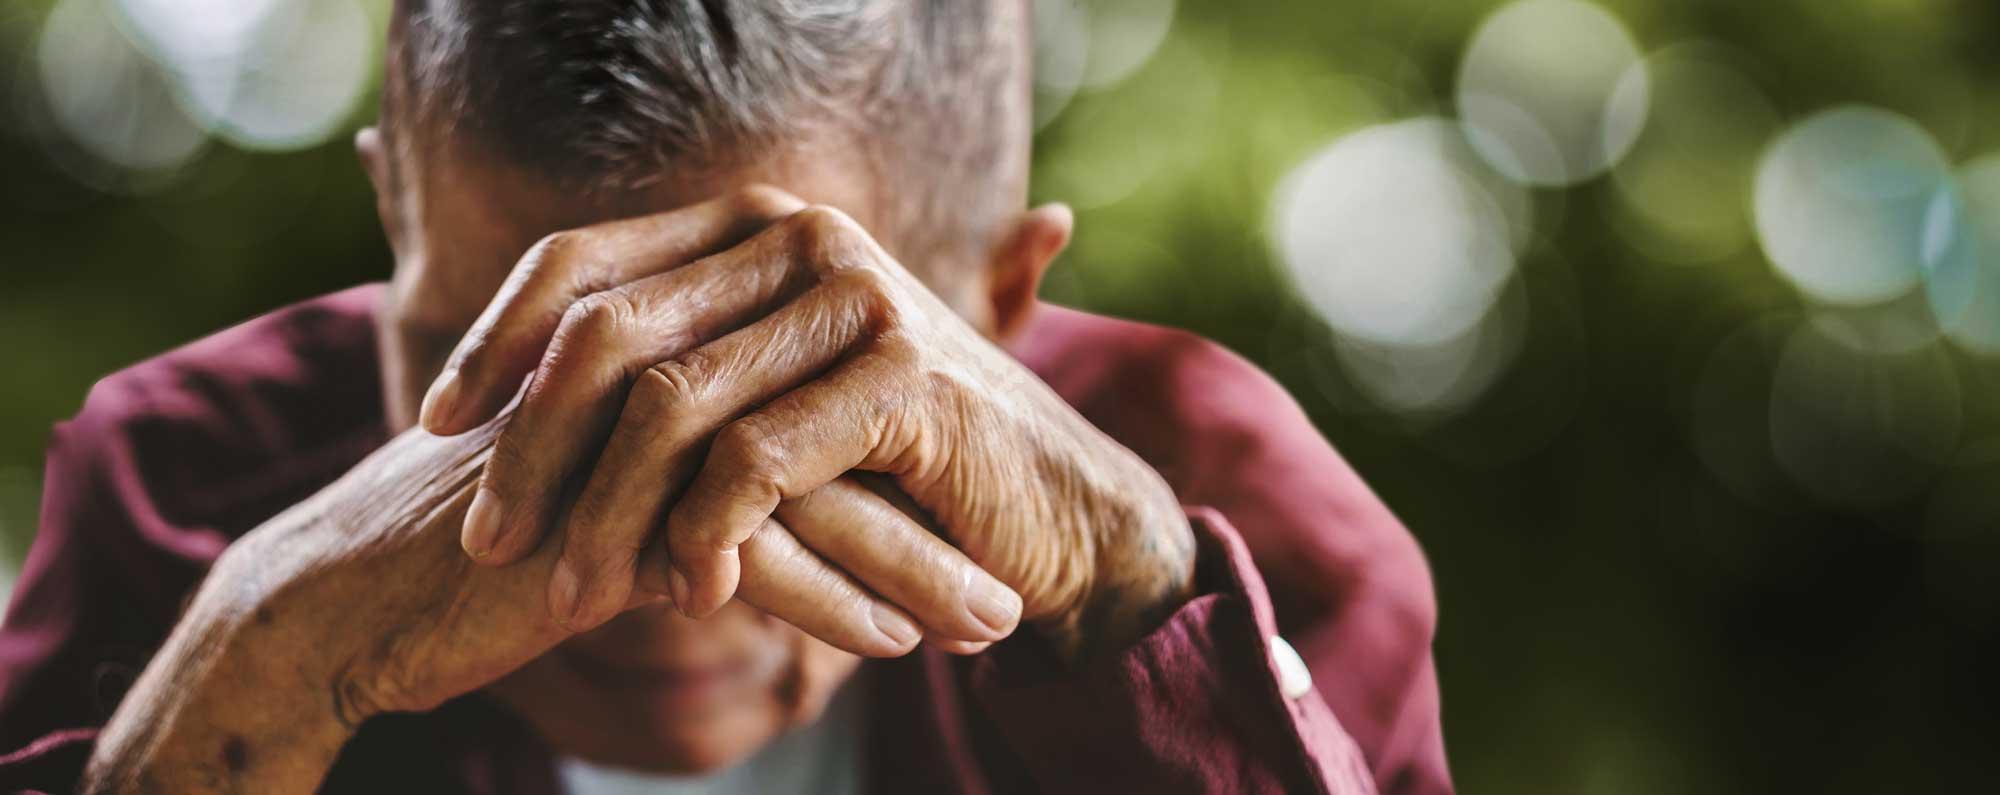 depressione-anziani cura